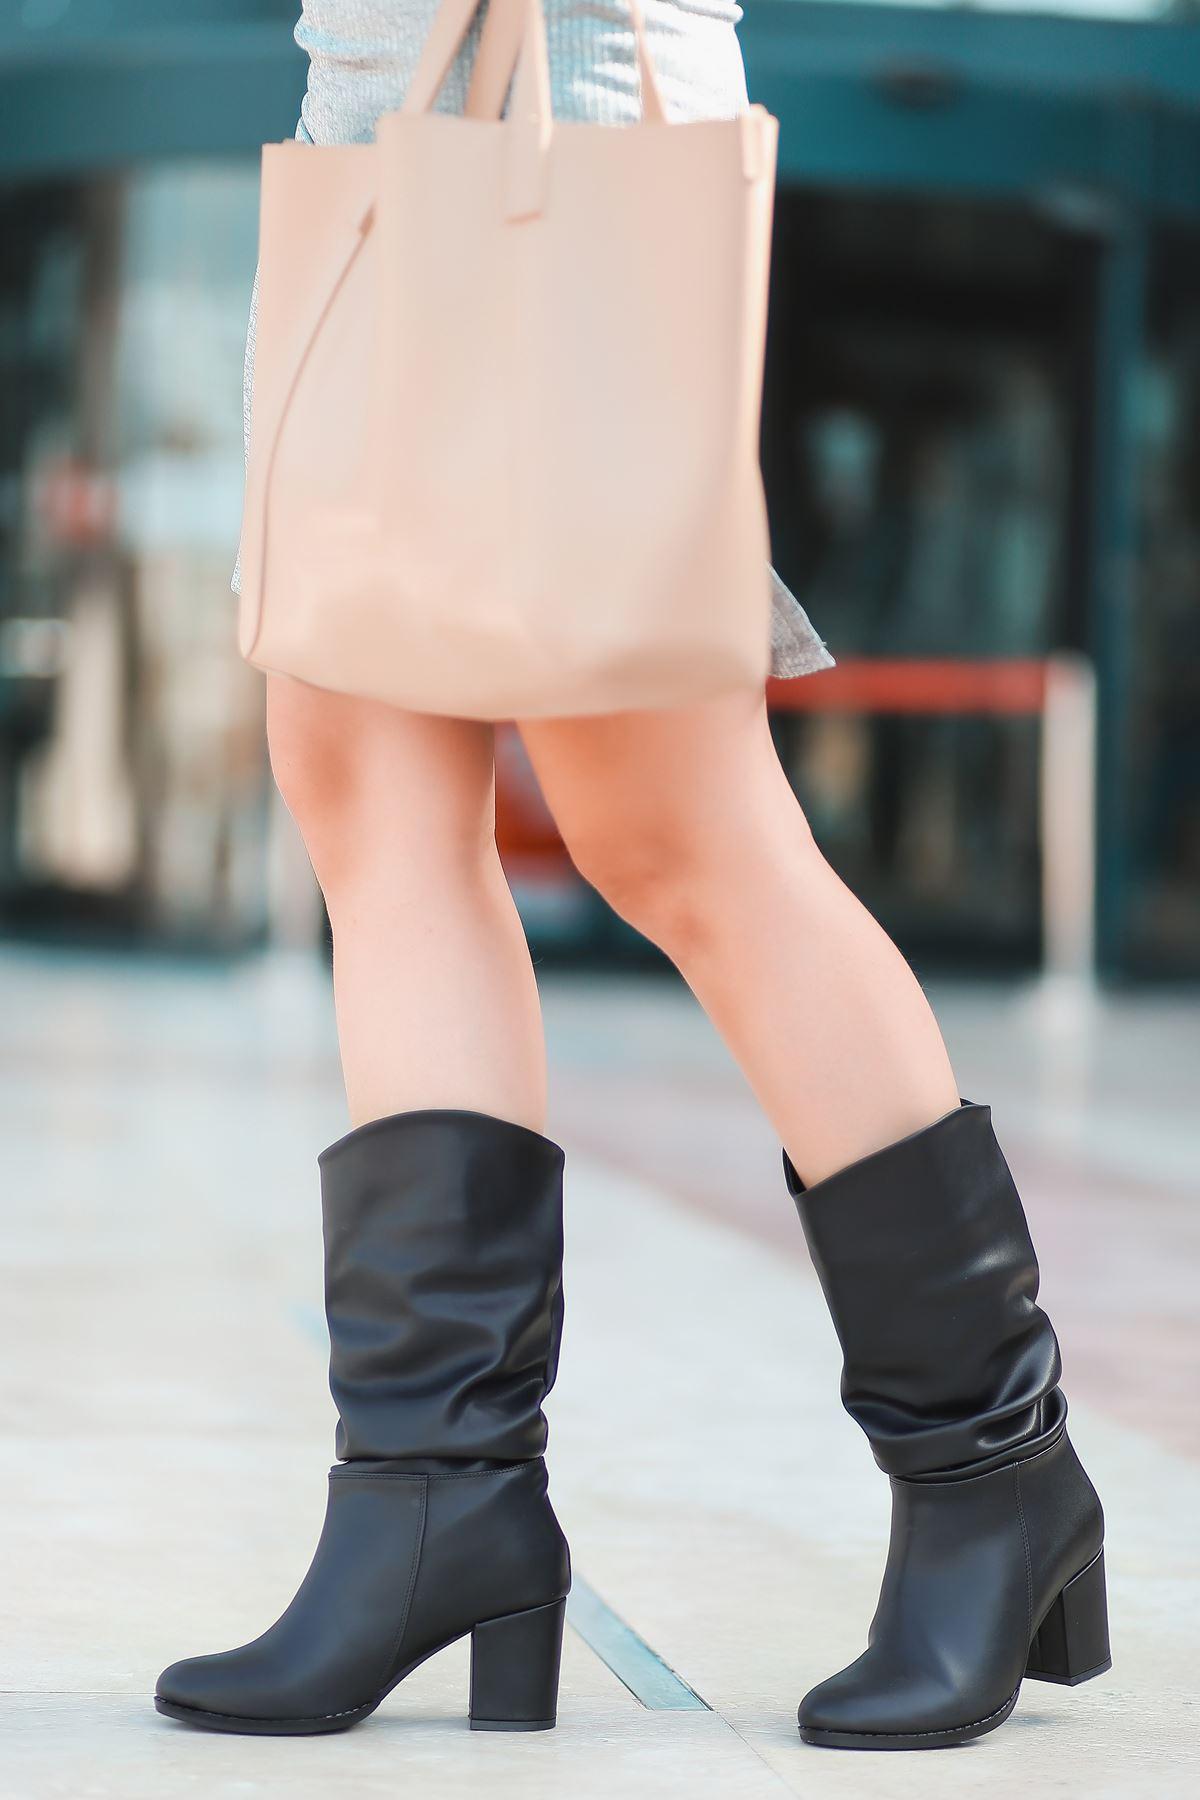 Vivo Mat Deri Körüklü Yüksek Topuklu Kadın Çizme Siyah